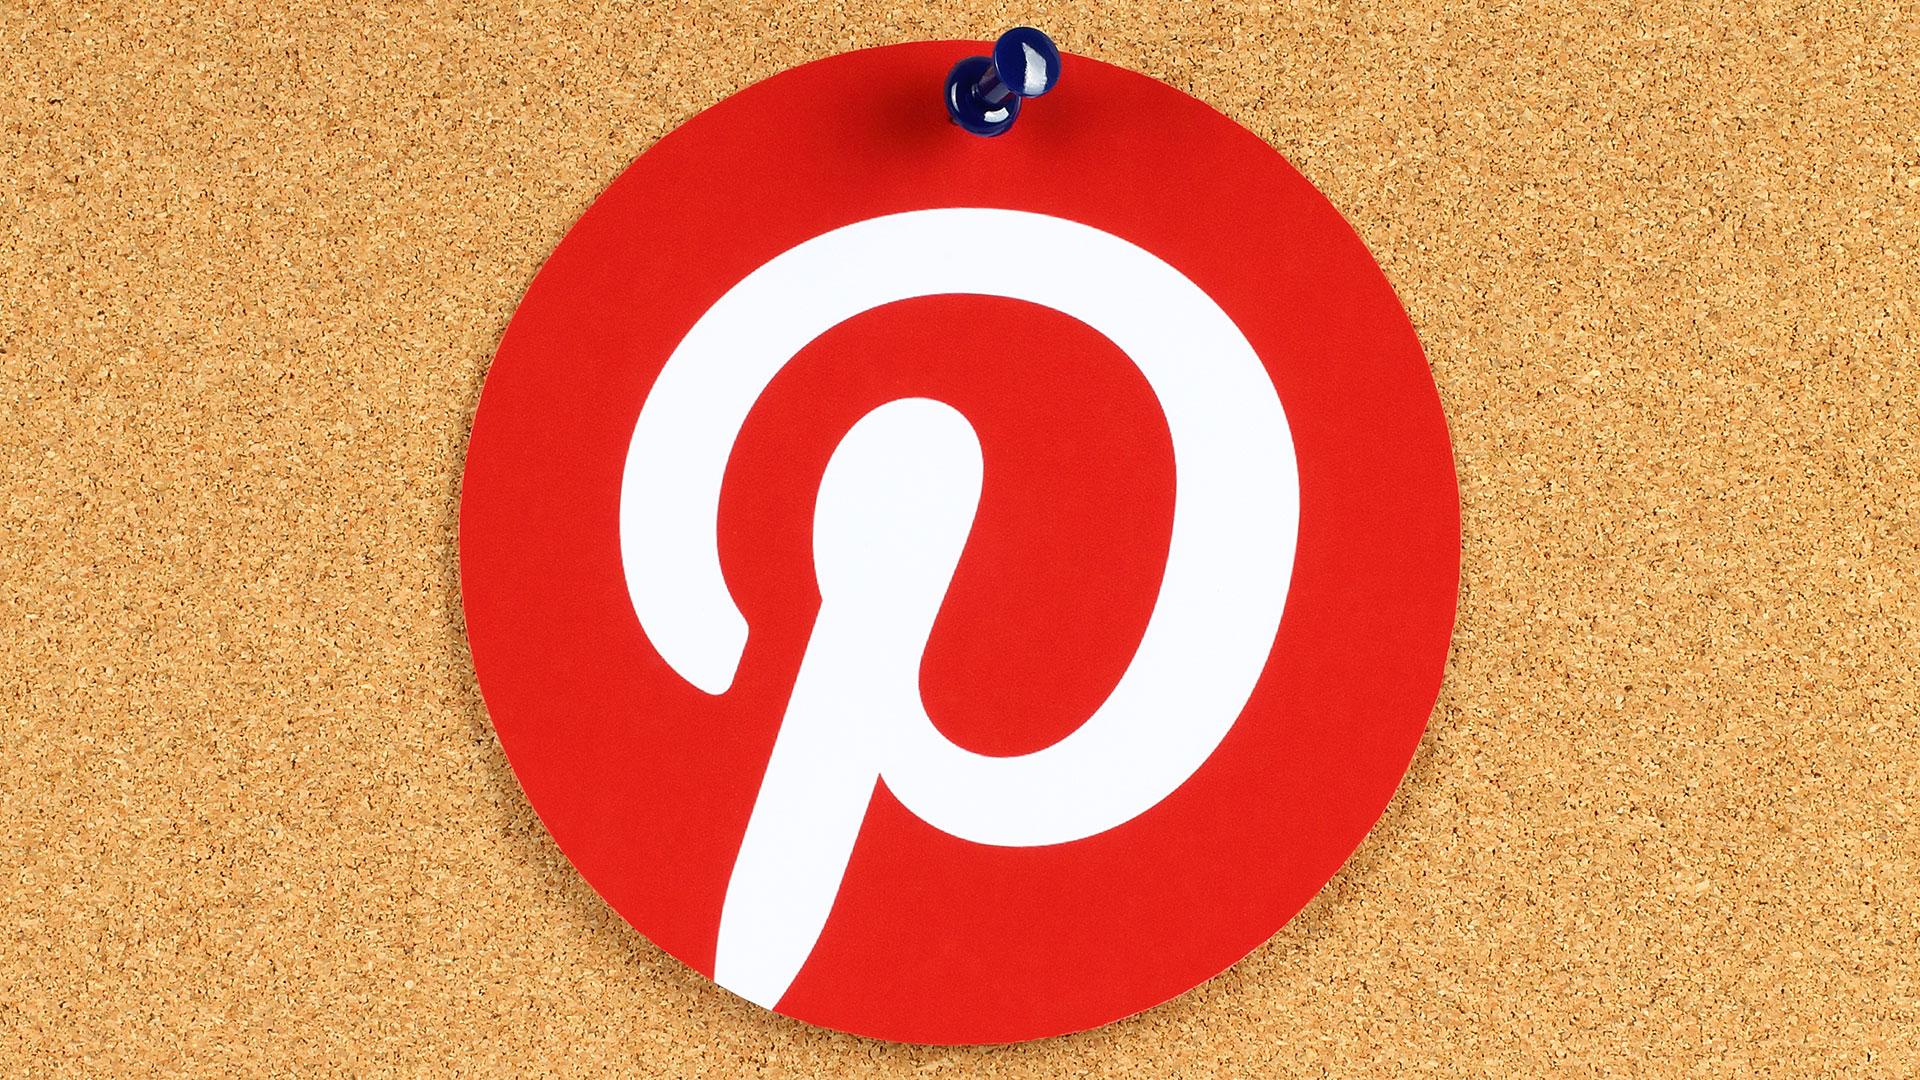 rvlsoft / Shutterstock.com